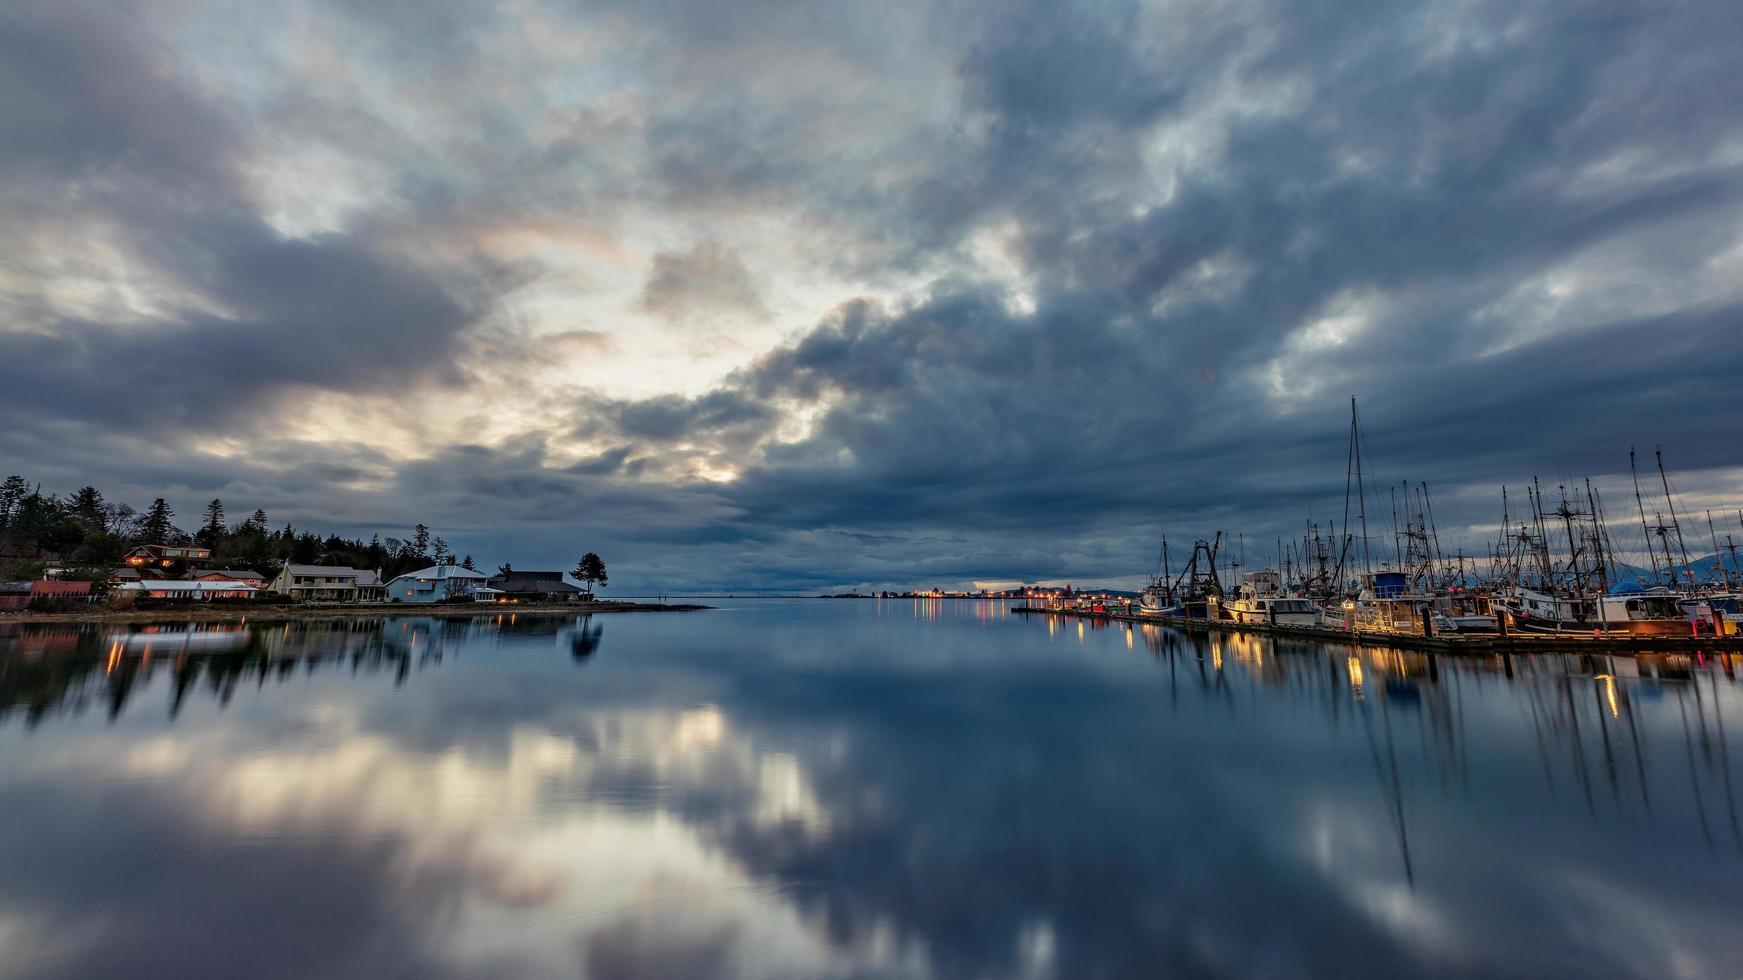 plan d'eau sous un ciel nuageux photo